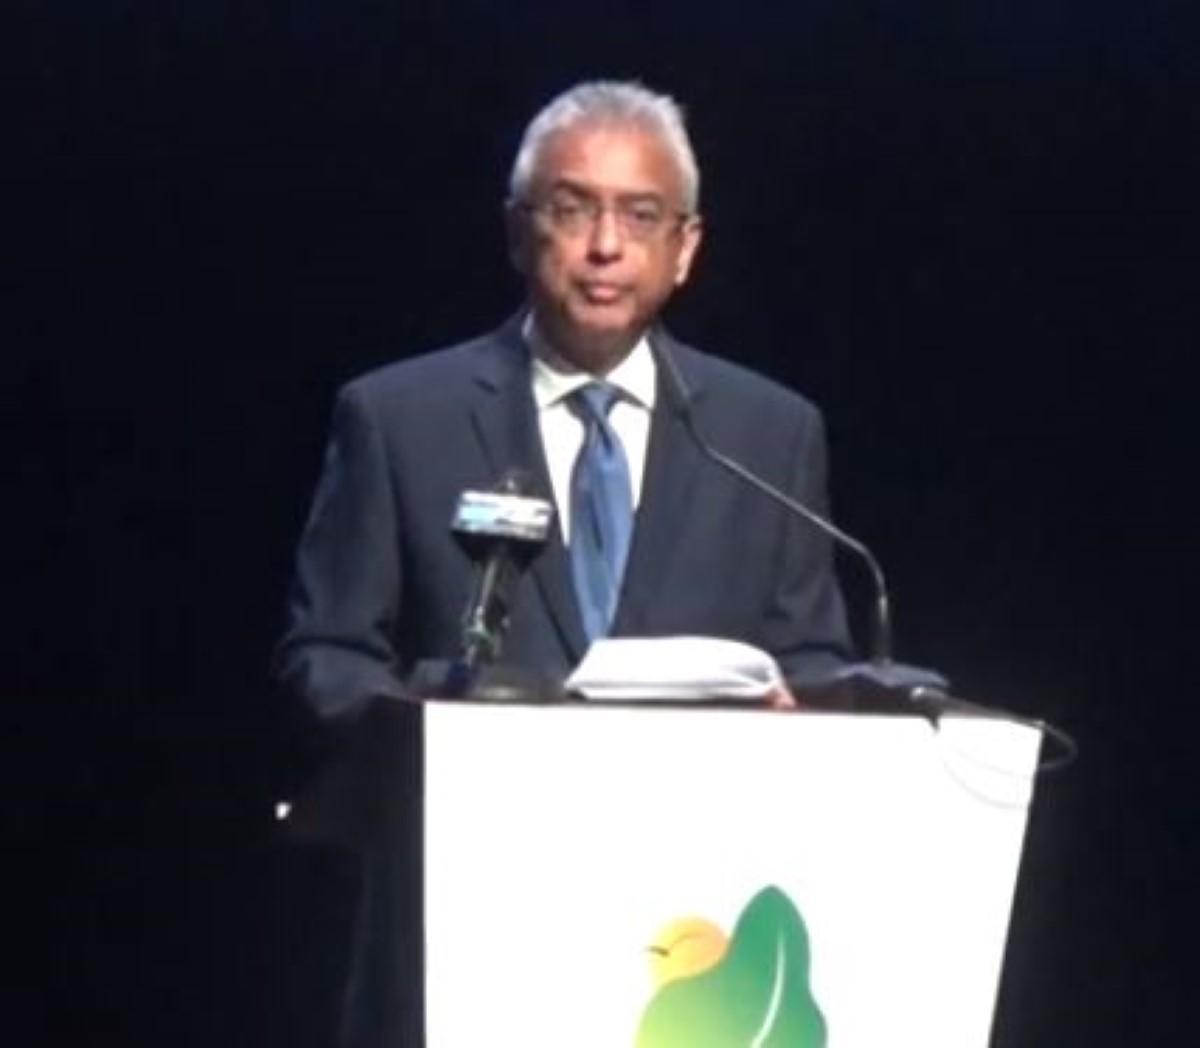 Les Mauriciens manquent de civisme selon le PM